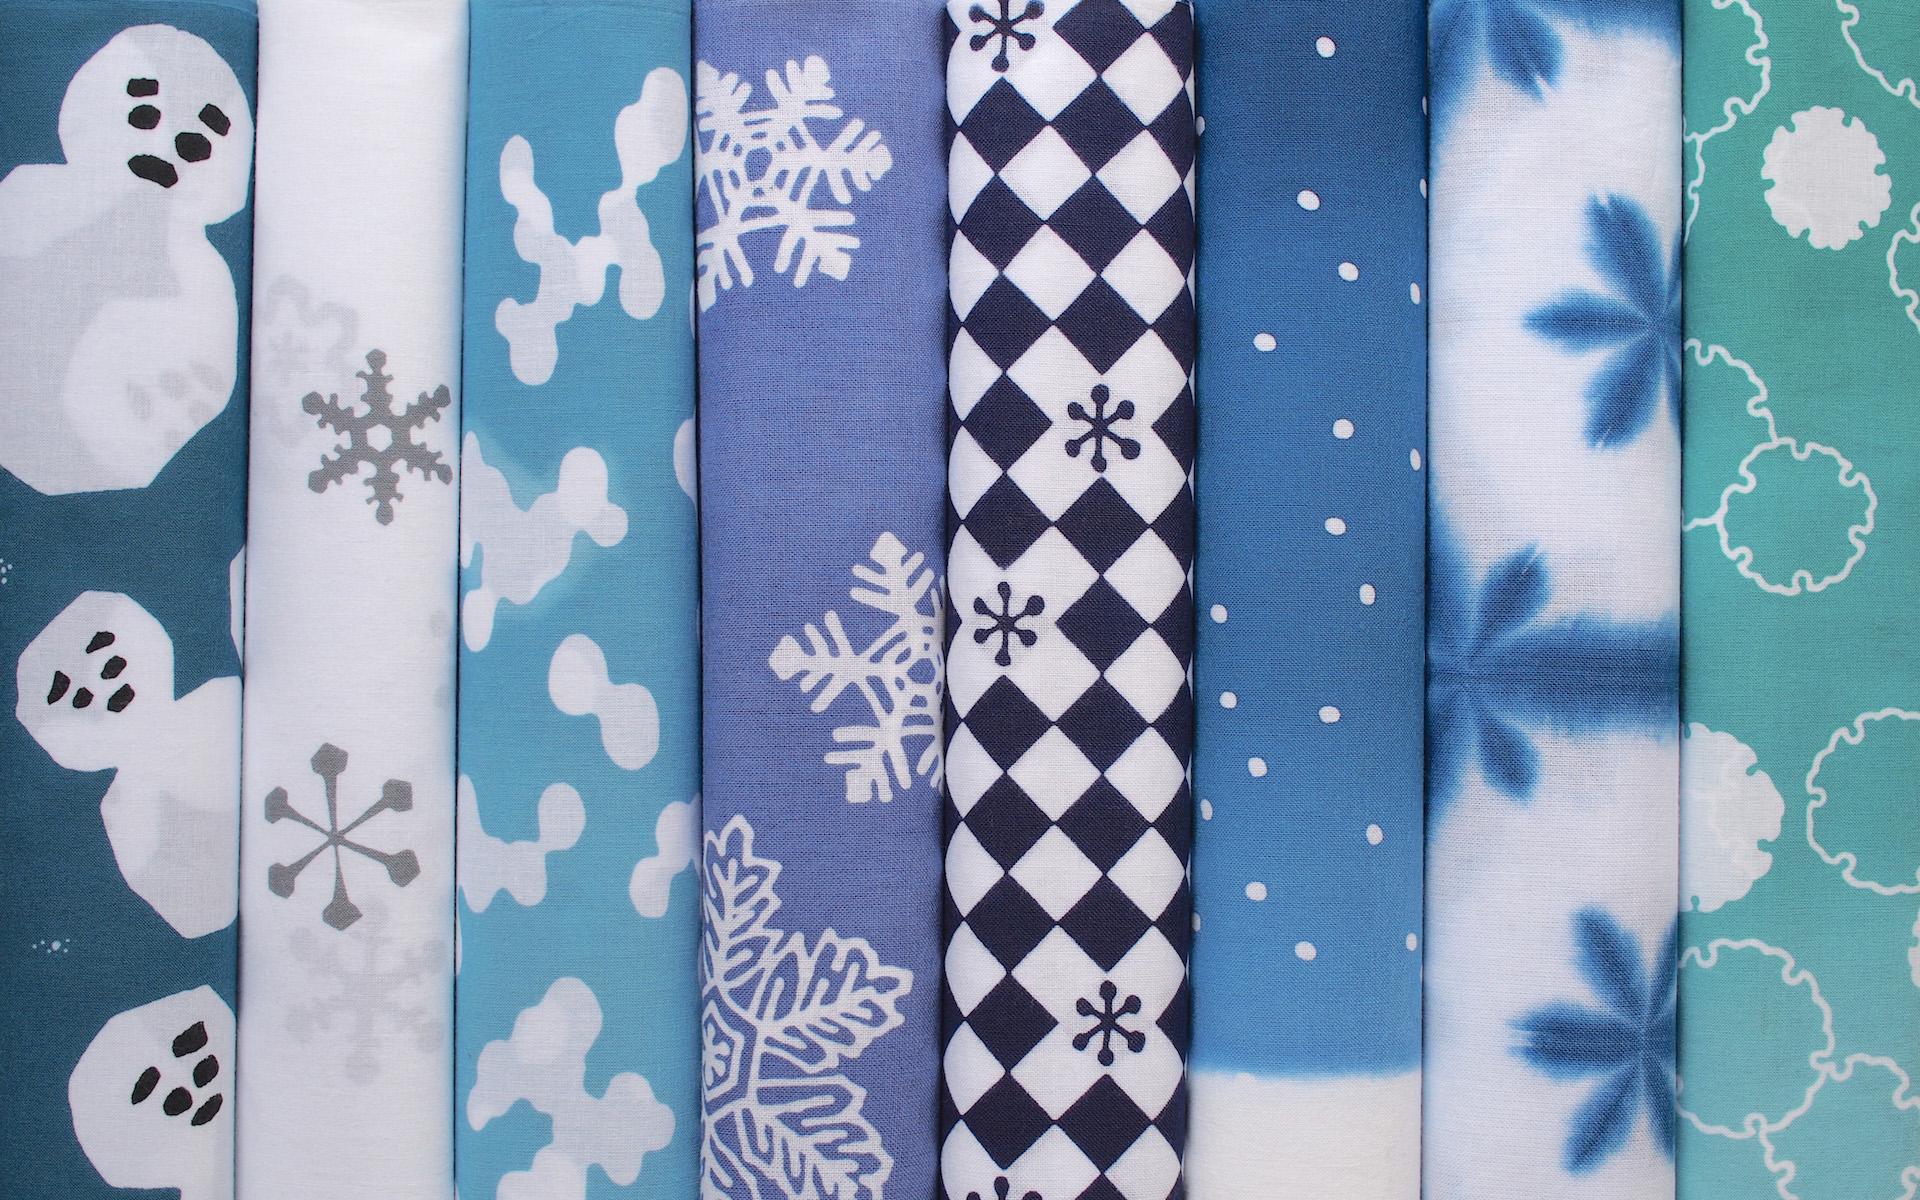 雪を愛でる、日本の雪柄手ぬぐい